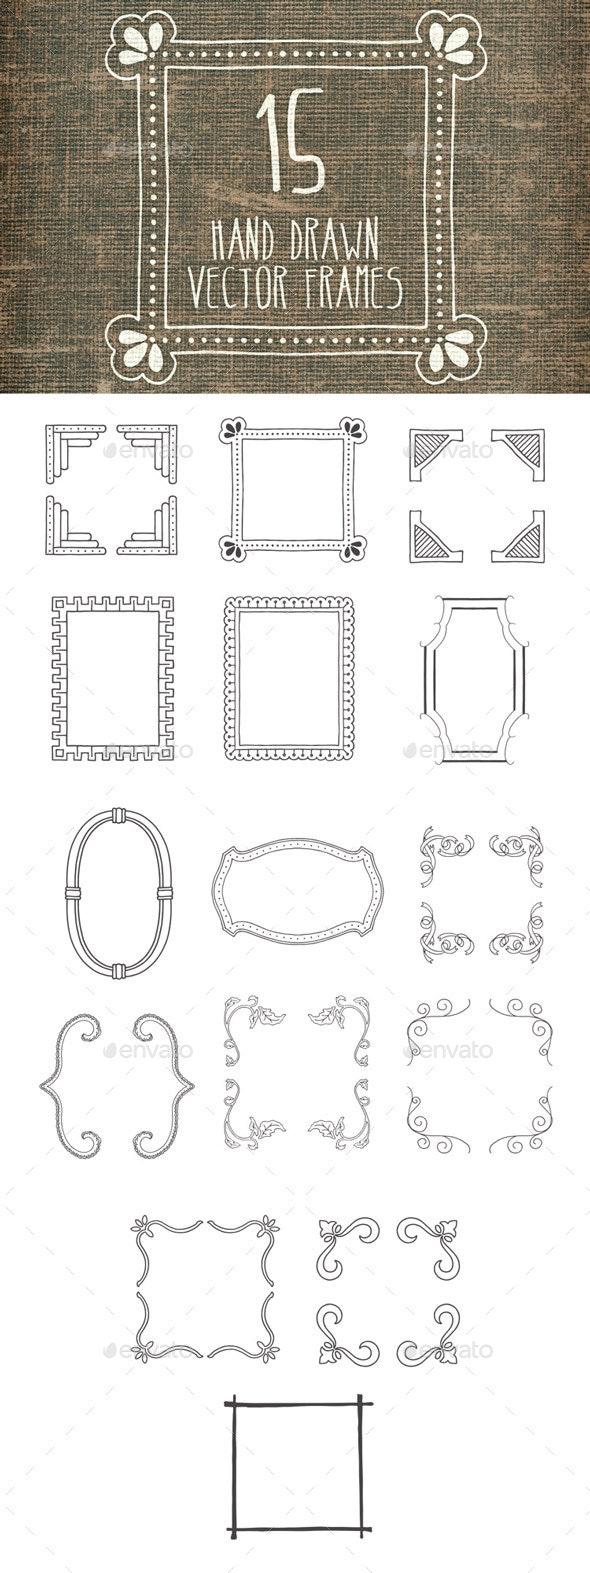 Hand Drawn Vector Frames Pack 1 - Decorative Vectors